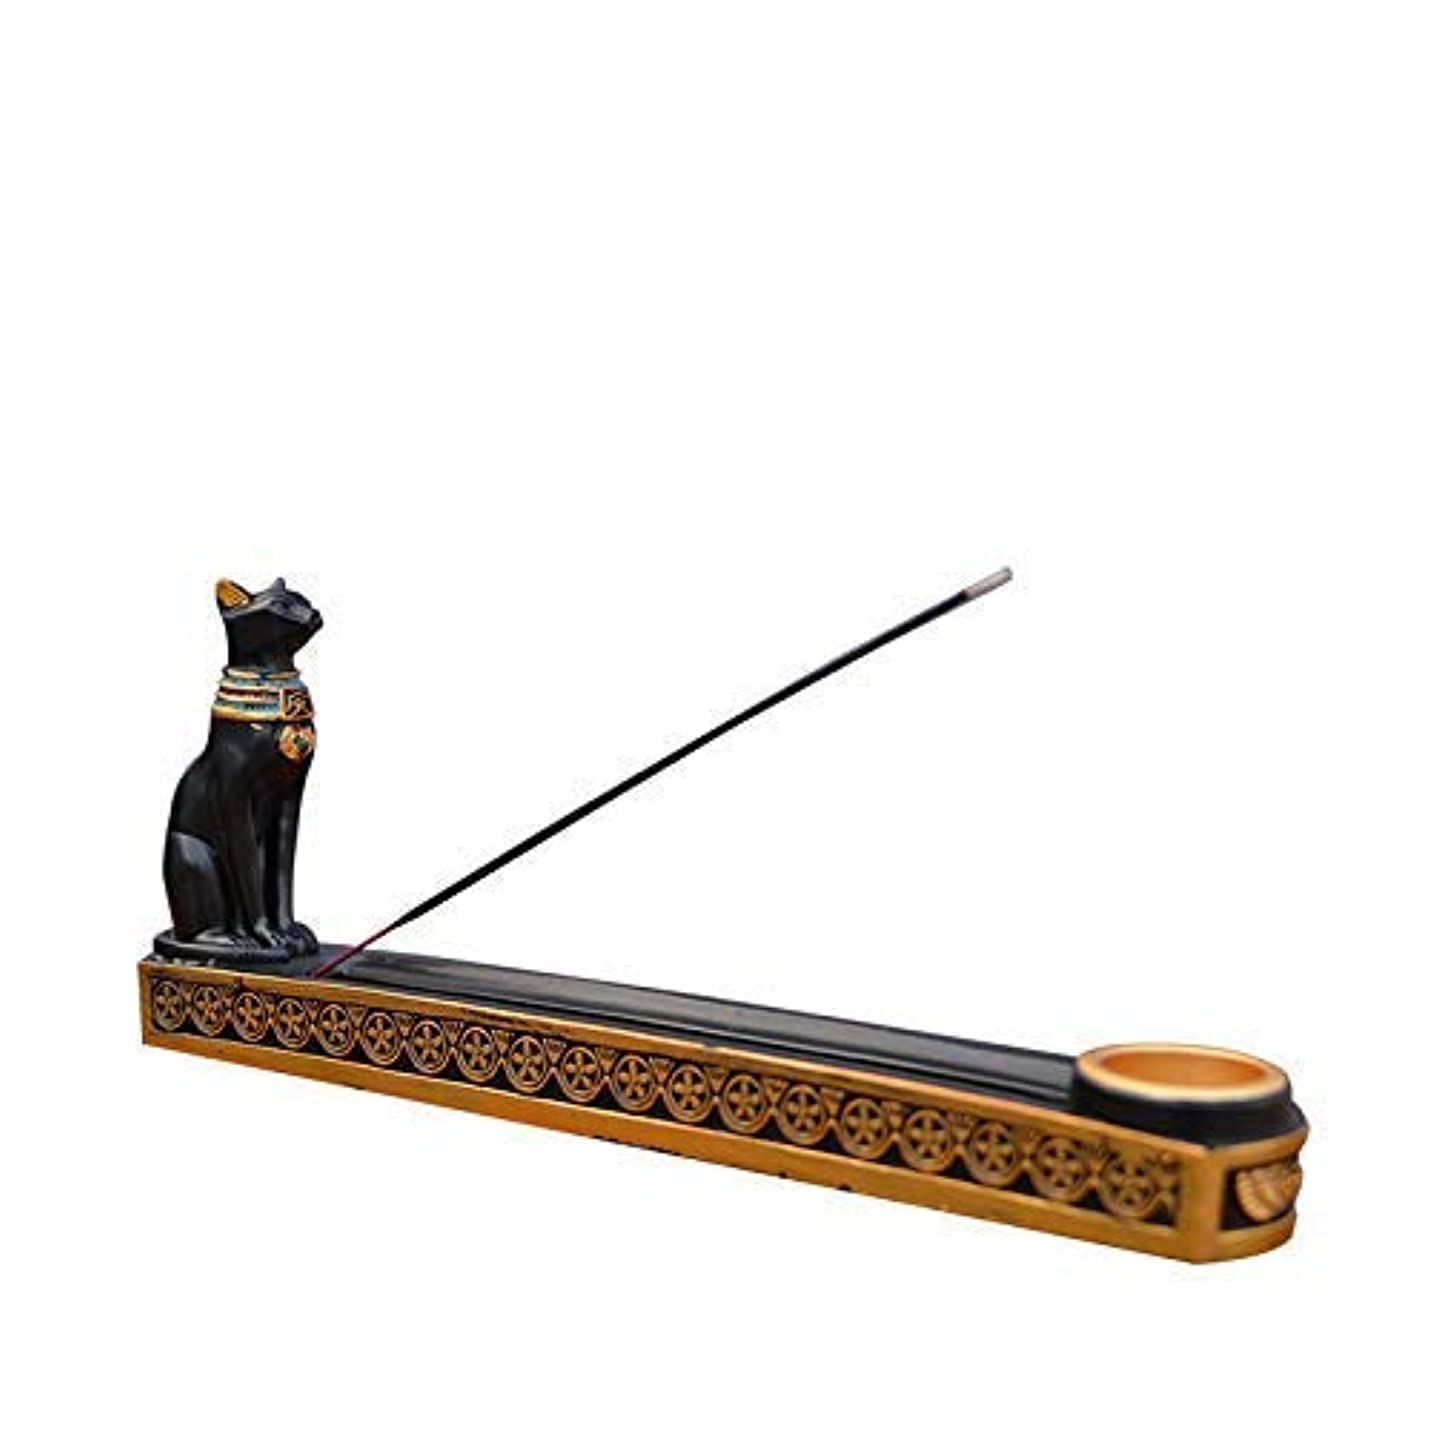 困惑した農夫拡散するtonntyann 横置き お香立て ボックス 猫 寝かせ スティックおしゃれ 線香立て お香 古代エジプト風 バステト神 アロマ お香 横置き ヒエログリフ ネ